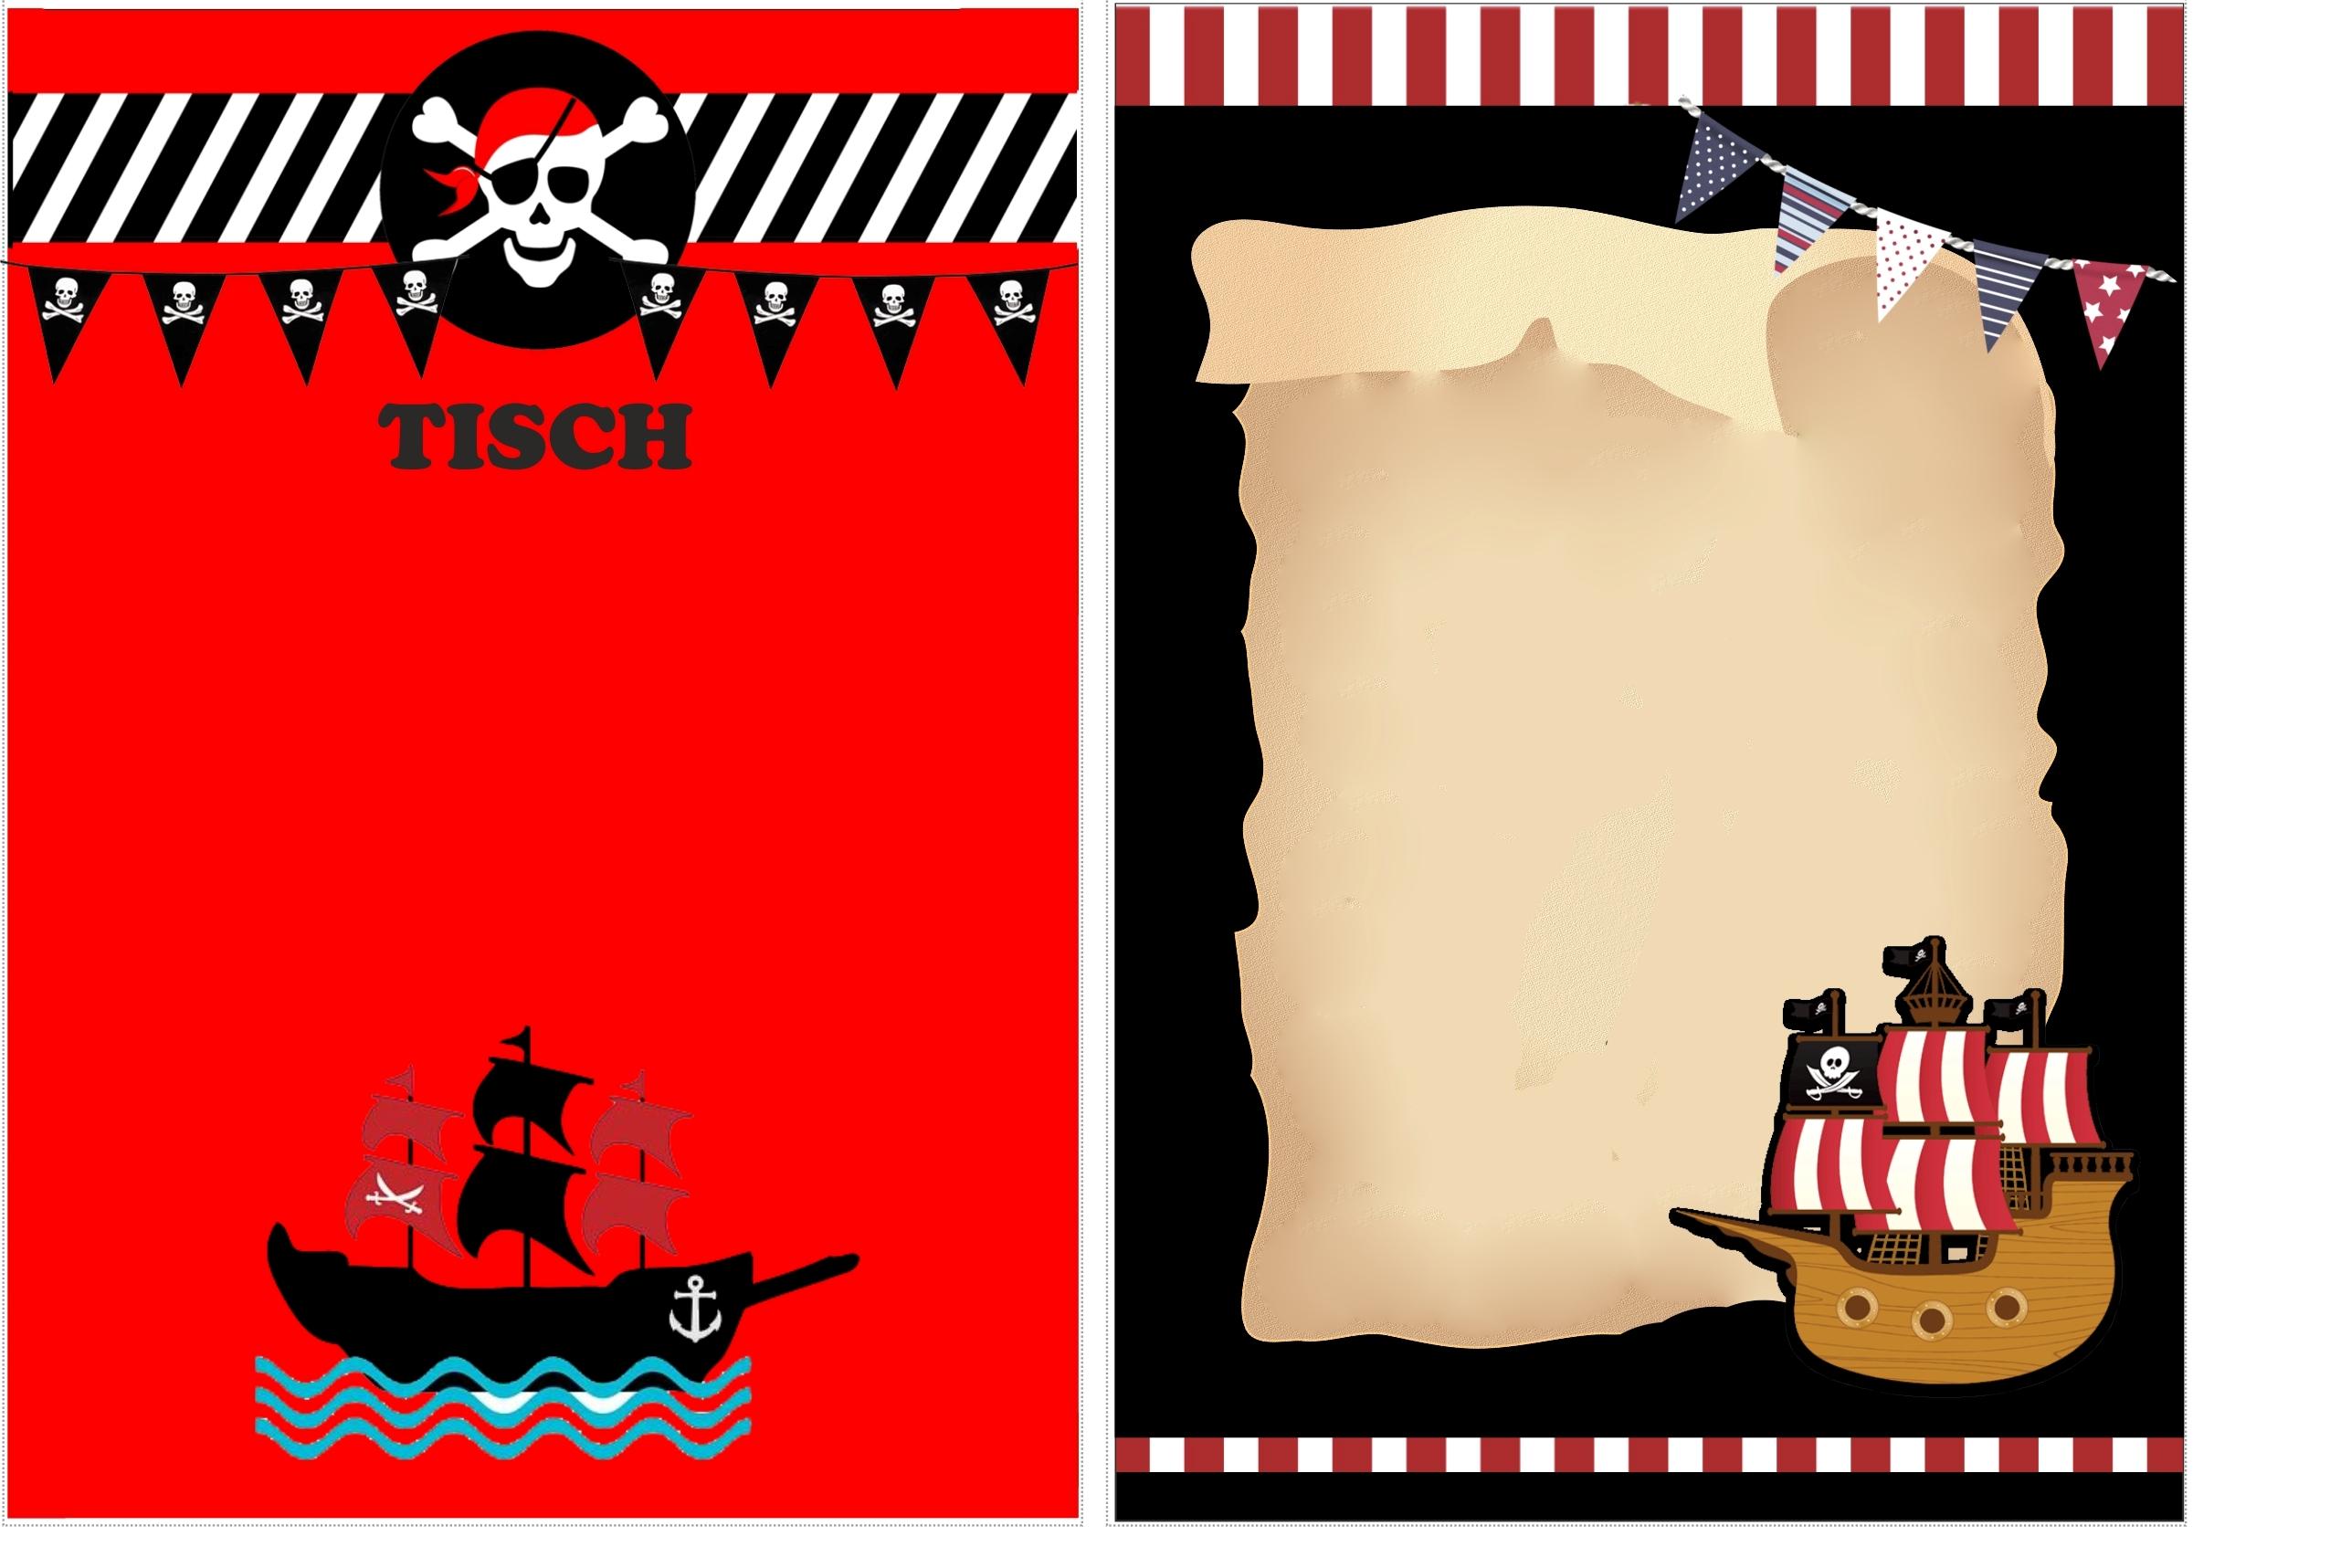 piratenparty-tischnum-schatzsuche-schnitzeljagd-partyzubehoer-kostenlos